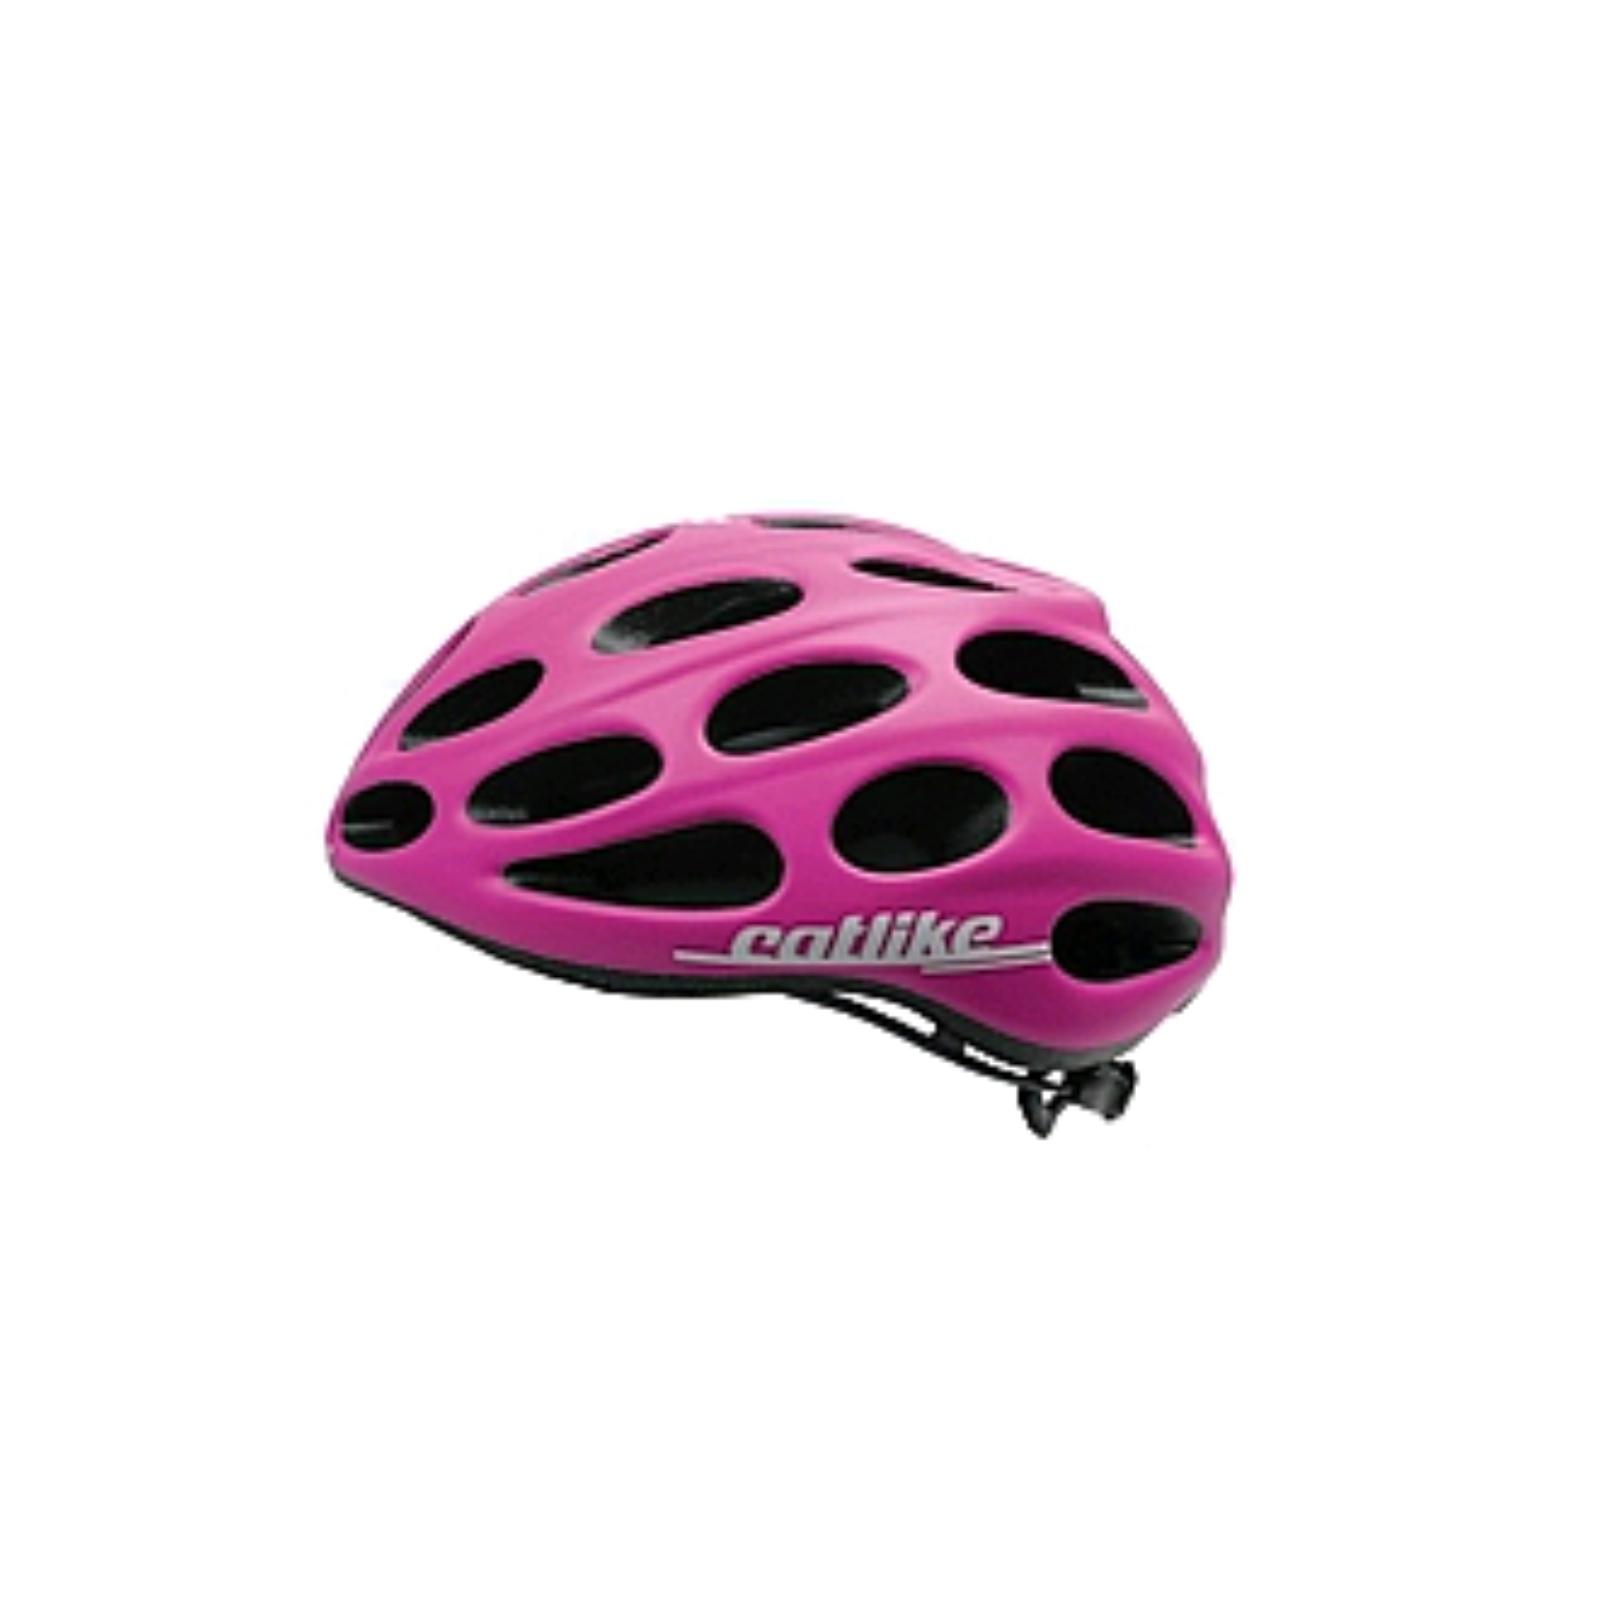 Cyklo přilba CATLIKE Chupito růžová - vel. LG